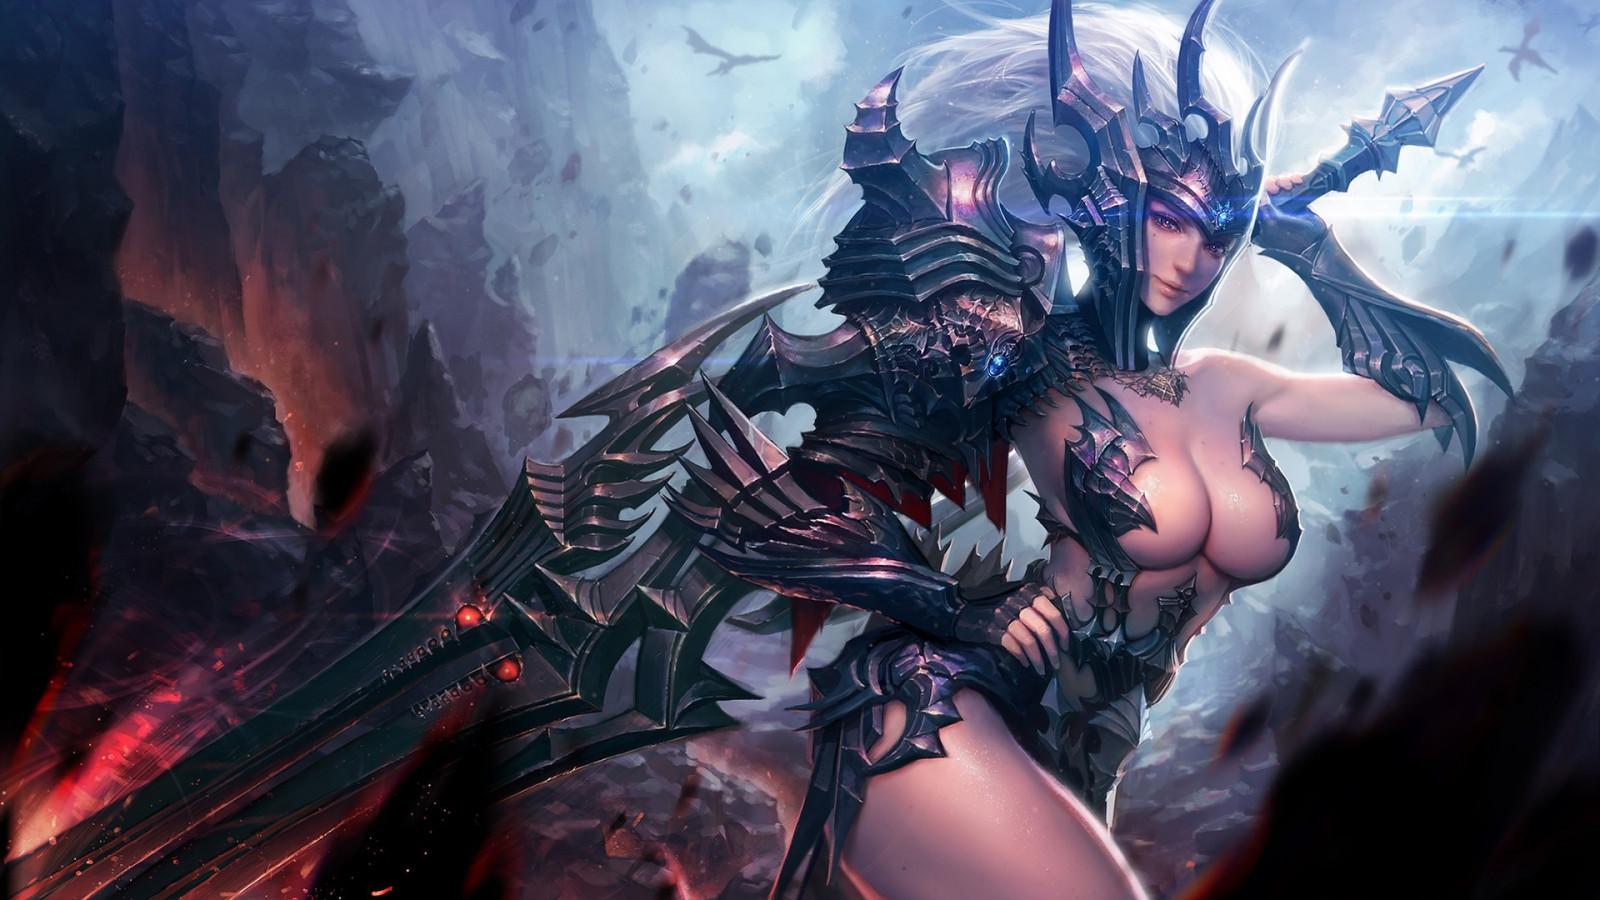 картинки девушек обнажённых и воинов желательно фэнтези